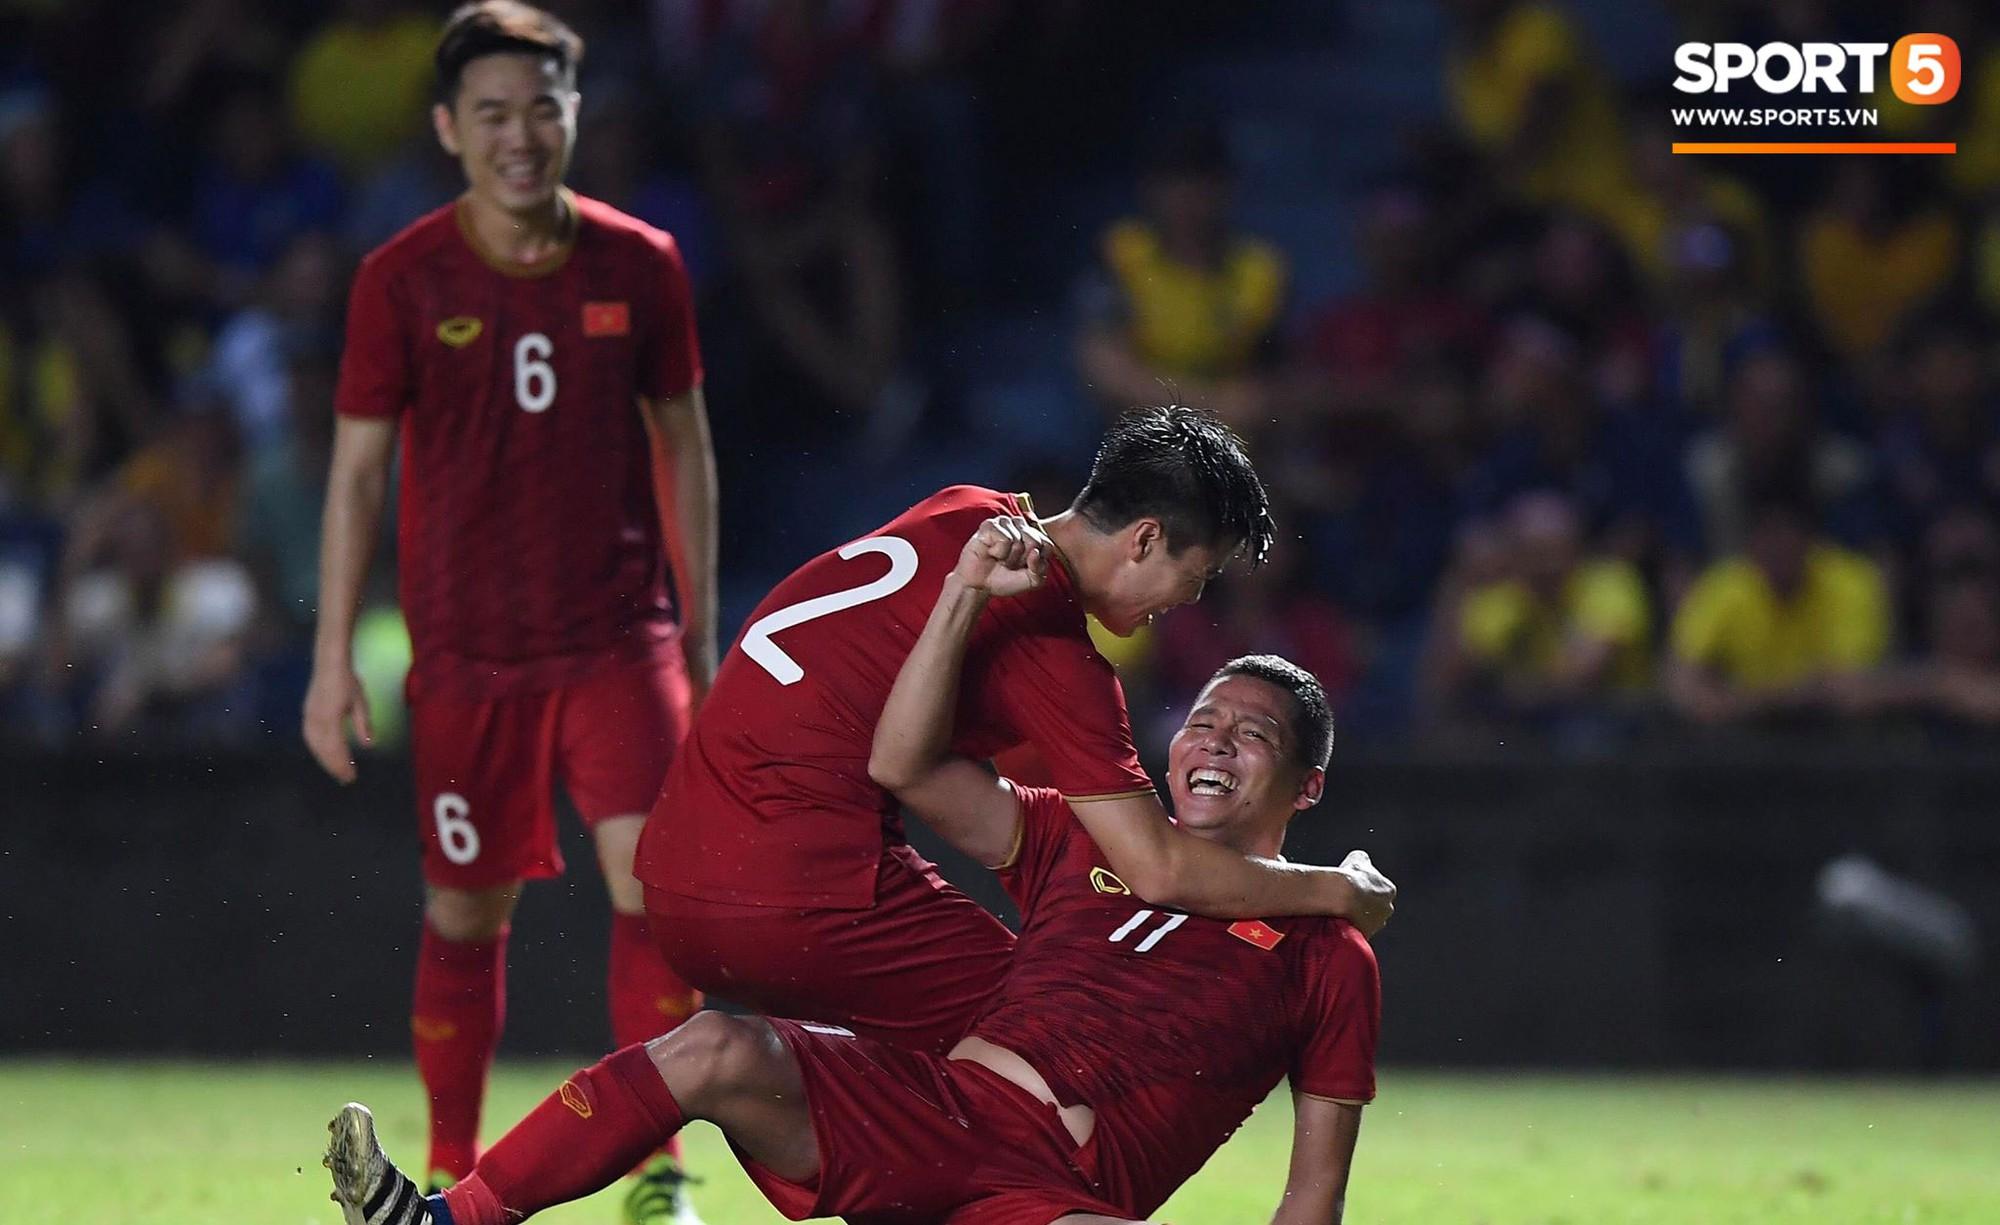 Anh Đức ghi bàn phút bù giờ, tuyển Việt Nam hạ Thái Lan để vào chung kết Kings Cup - Ảnh 1.